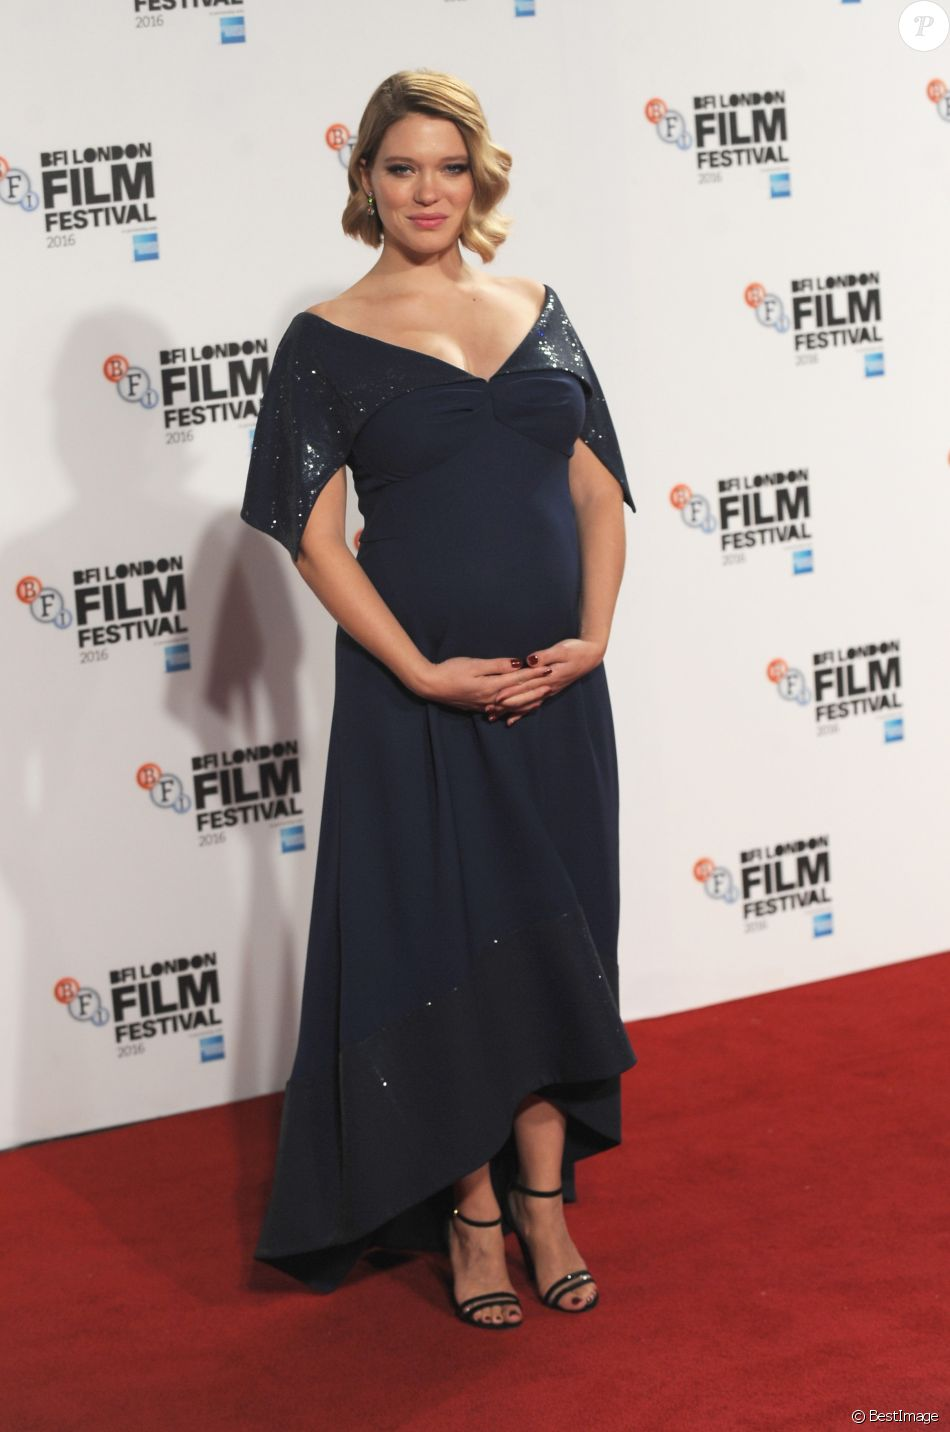 Léa Seydoux lors du festival du film BFI de Londres le 14 octobre 2016.